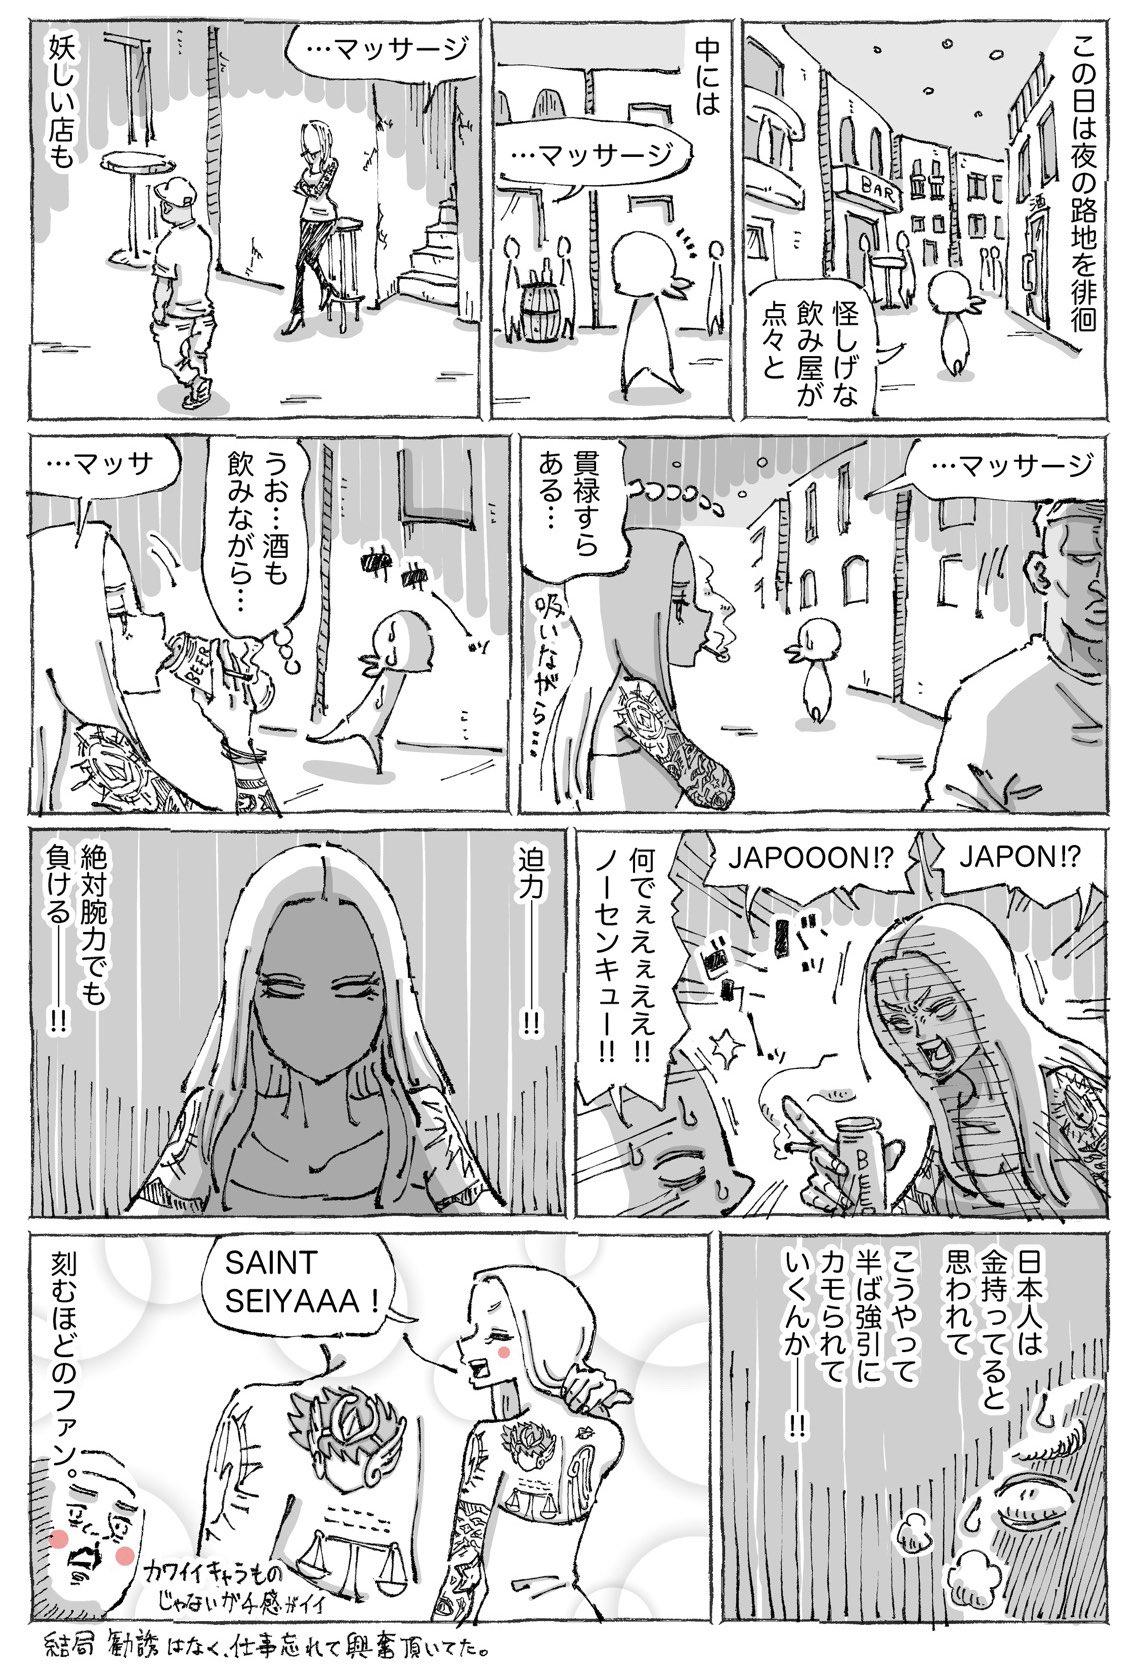 海外の繁華街で突然女性に激怒される?日本人を見つけて嬉しかった模様www